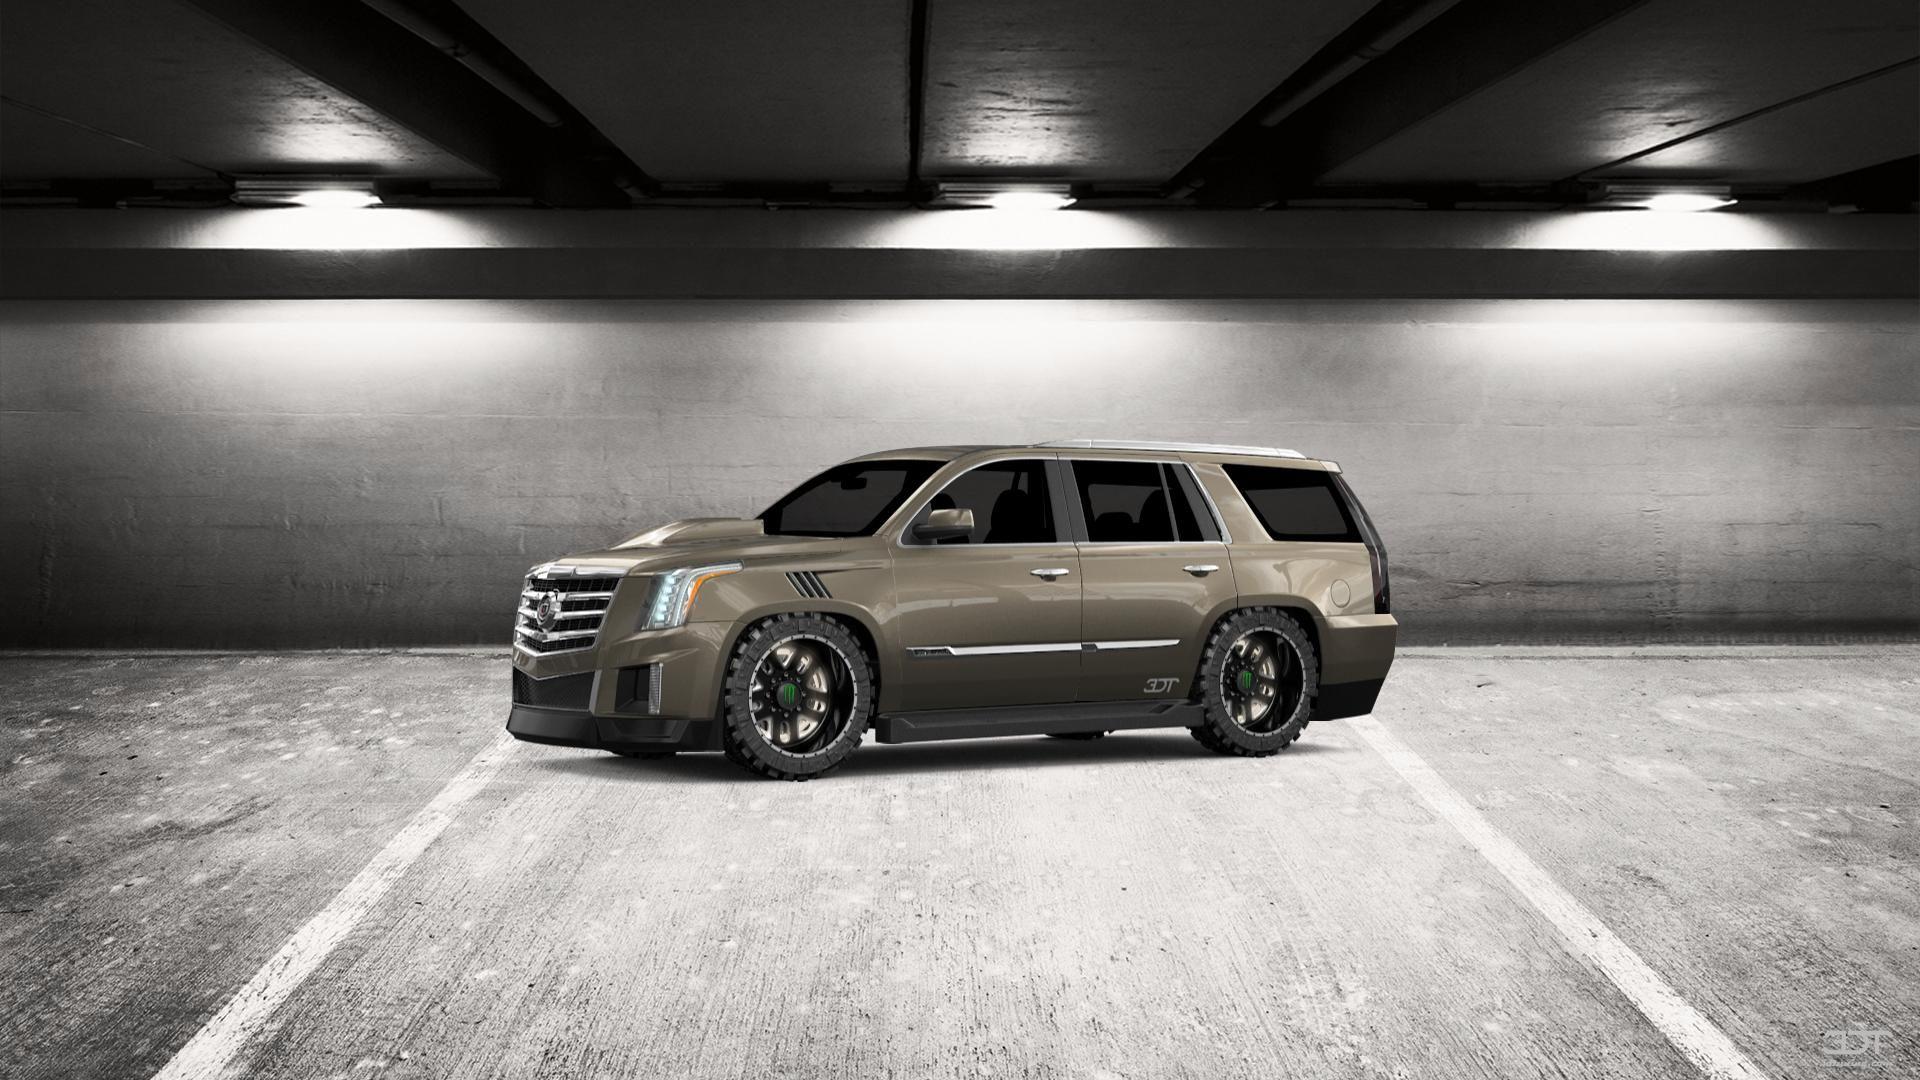 Checkout My Tuning Cadillac Escalade 2115 At 3dtuning 3dtuning